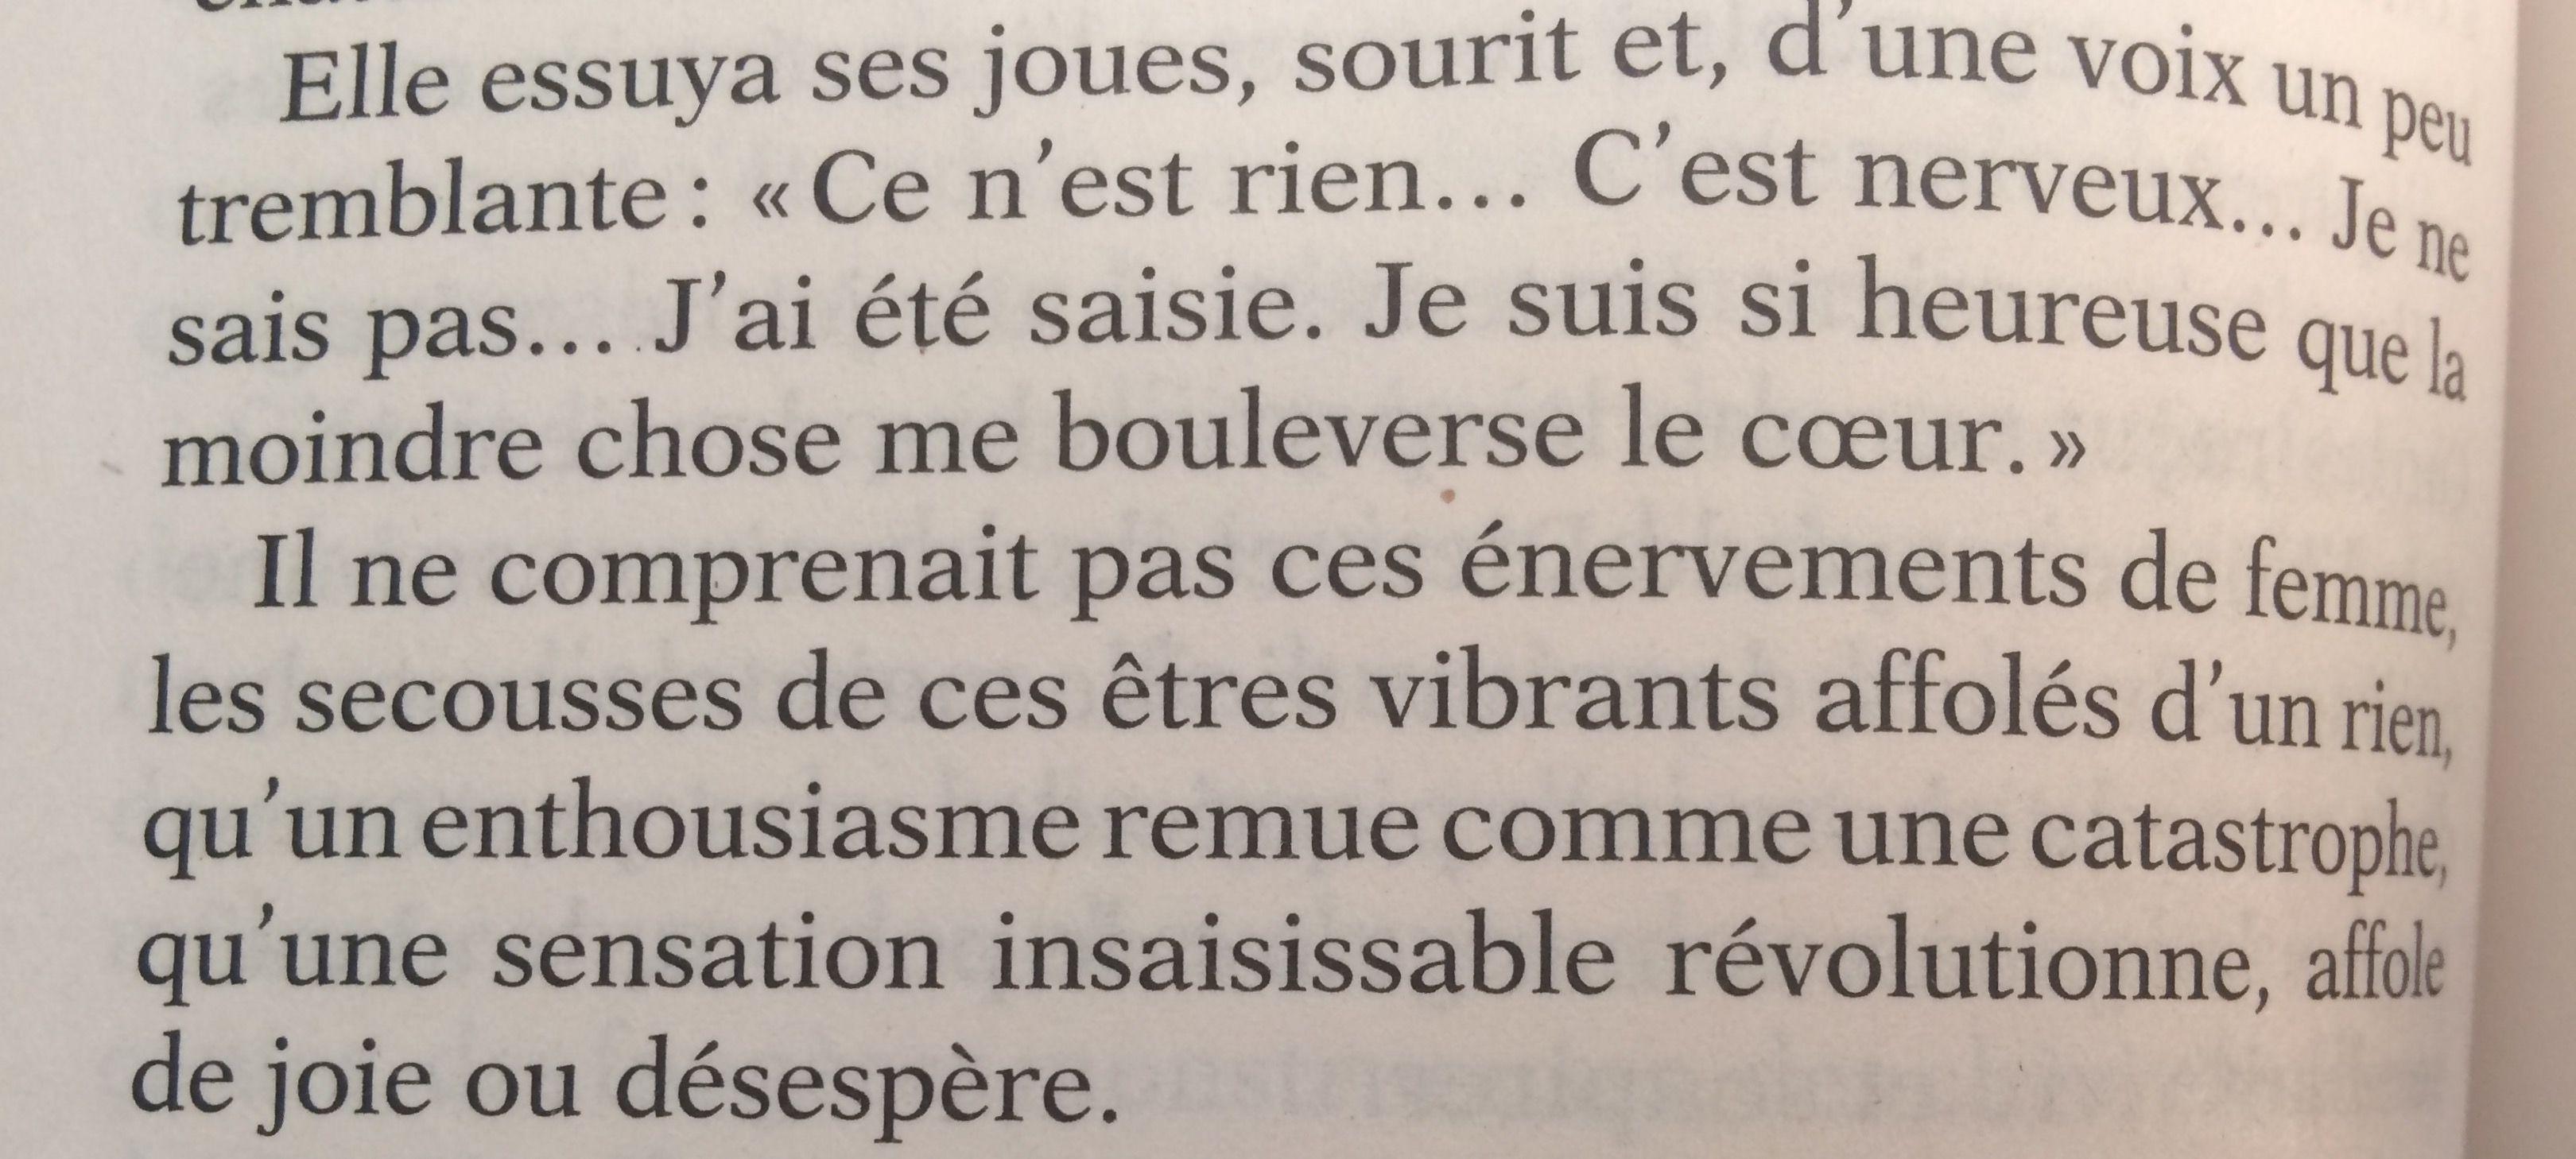 Une Vie Maupassant Texte Citation Citation Et Mots D Amour